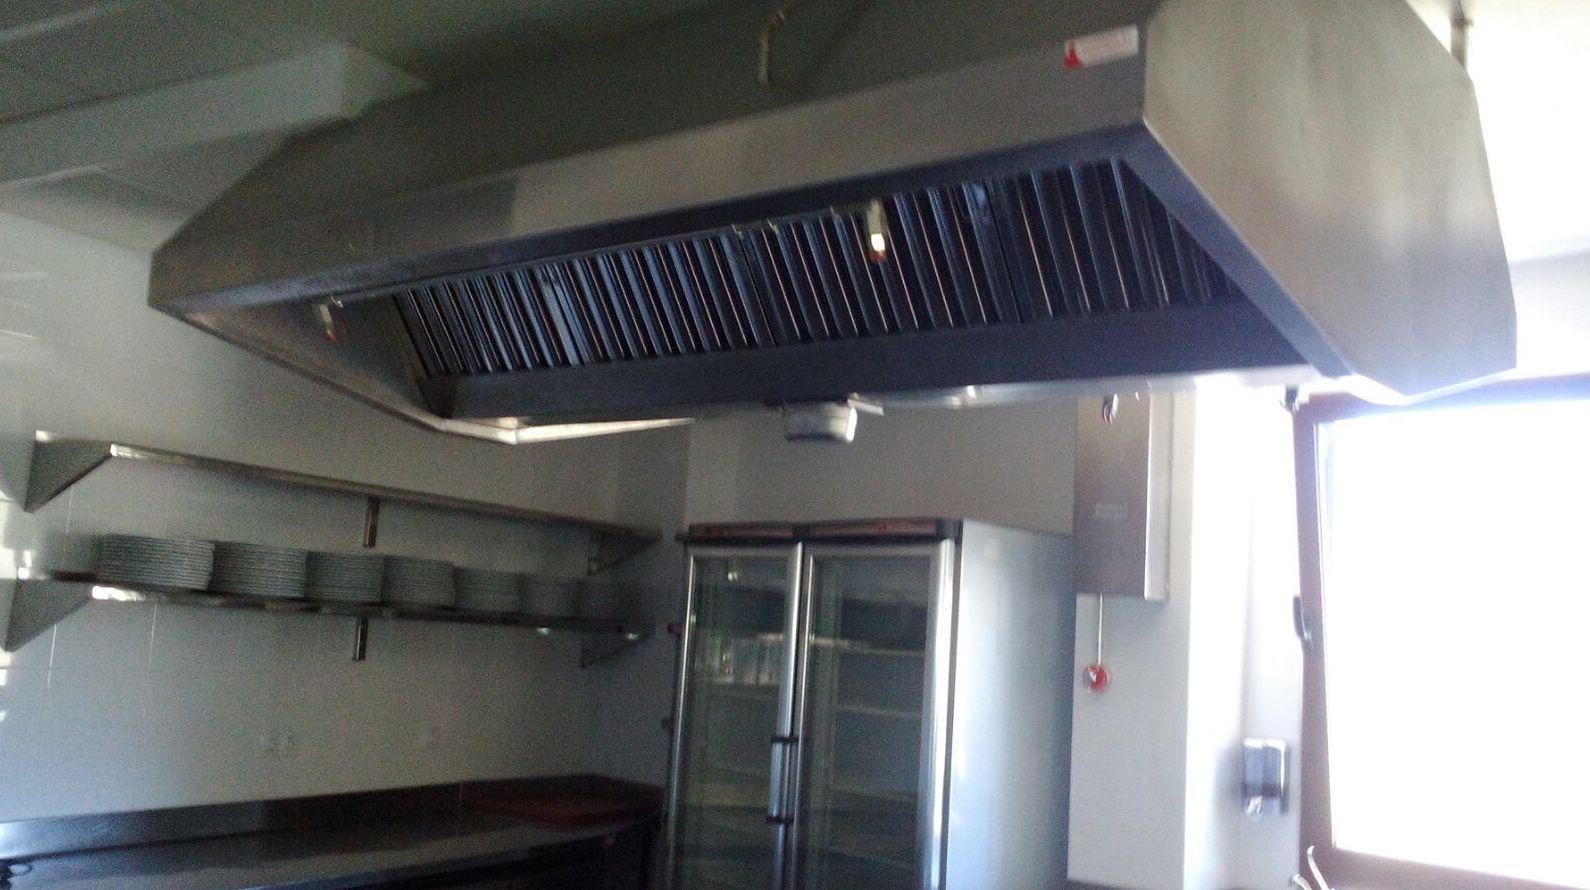 Foto 25 de Venta y distribución de maquinaria para hostelería en Las Palmas de Gran Canaria | Cotahisar S.L.